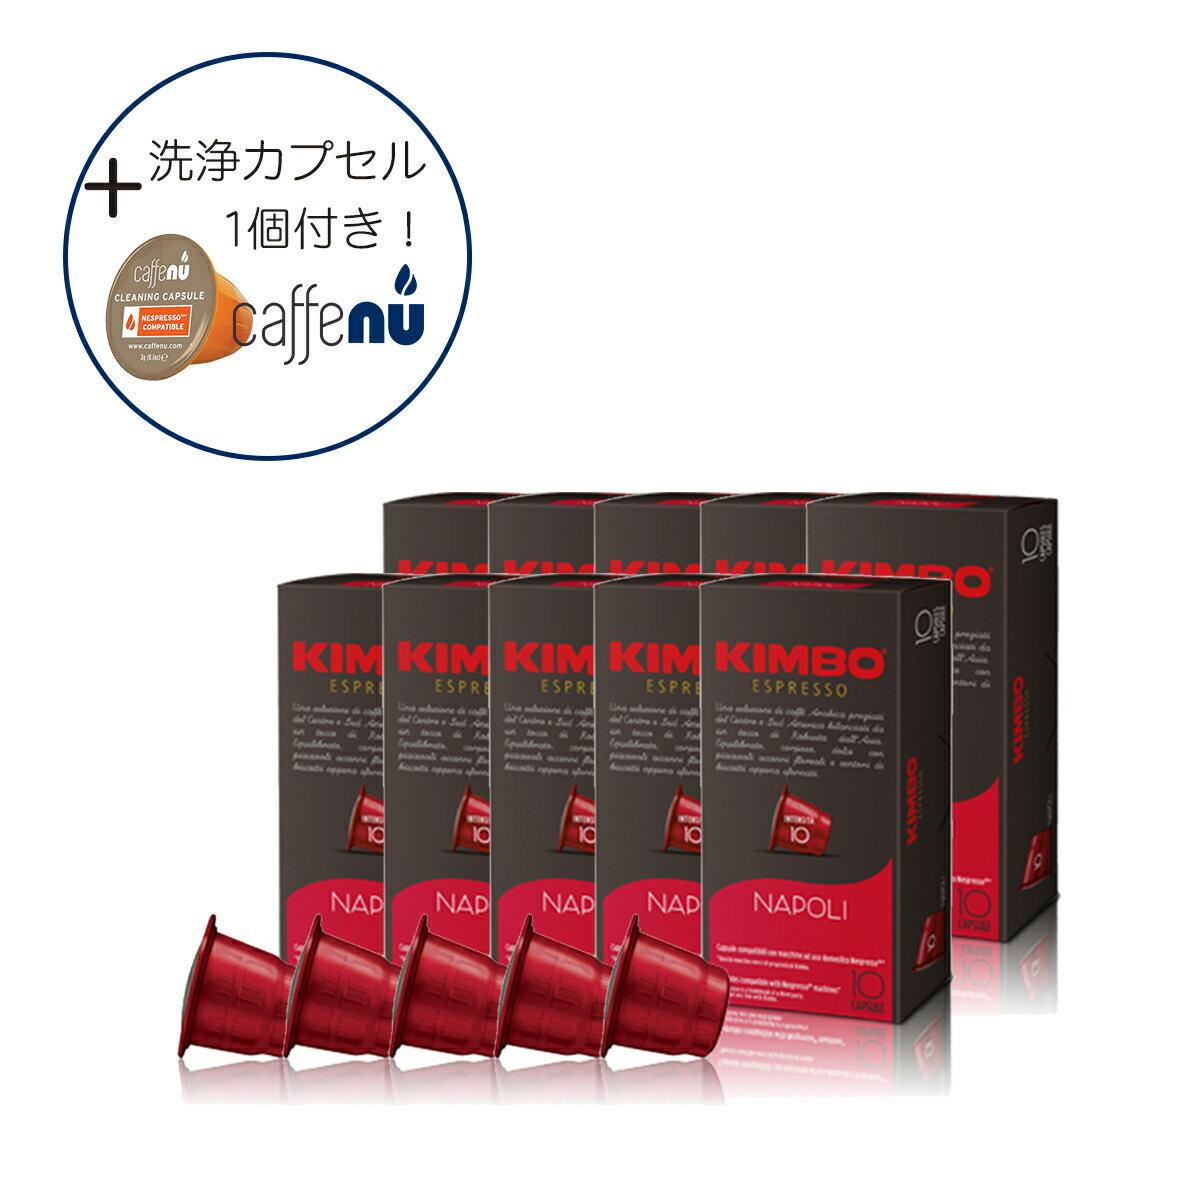 ネスプレッソ カプセル 互換 キンボ kimbo コーヒー ナポリ 1箱 10 カプセル 10箱 合計 100 カプセル 送料無料